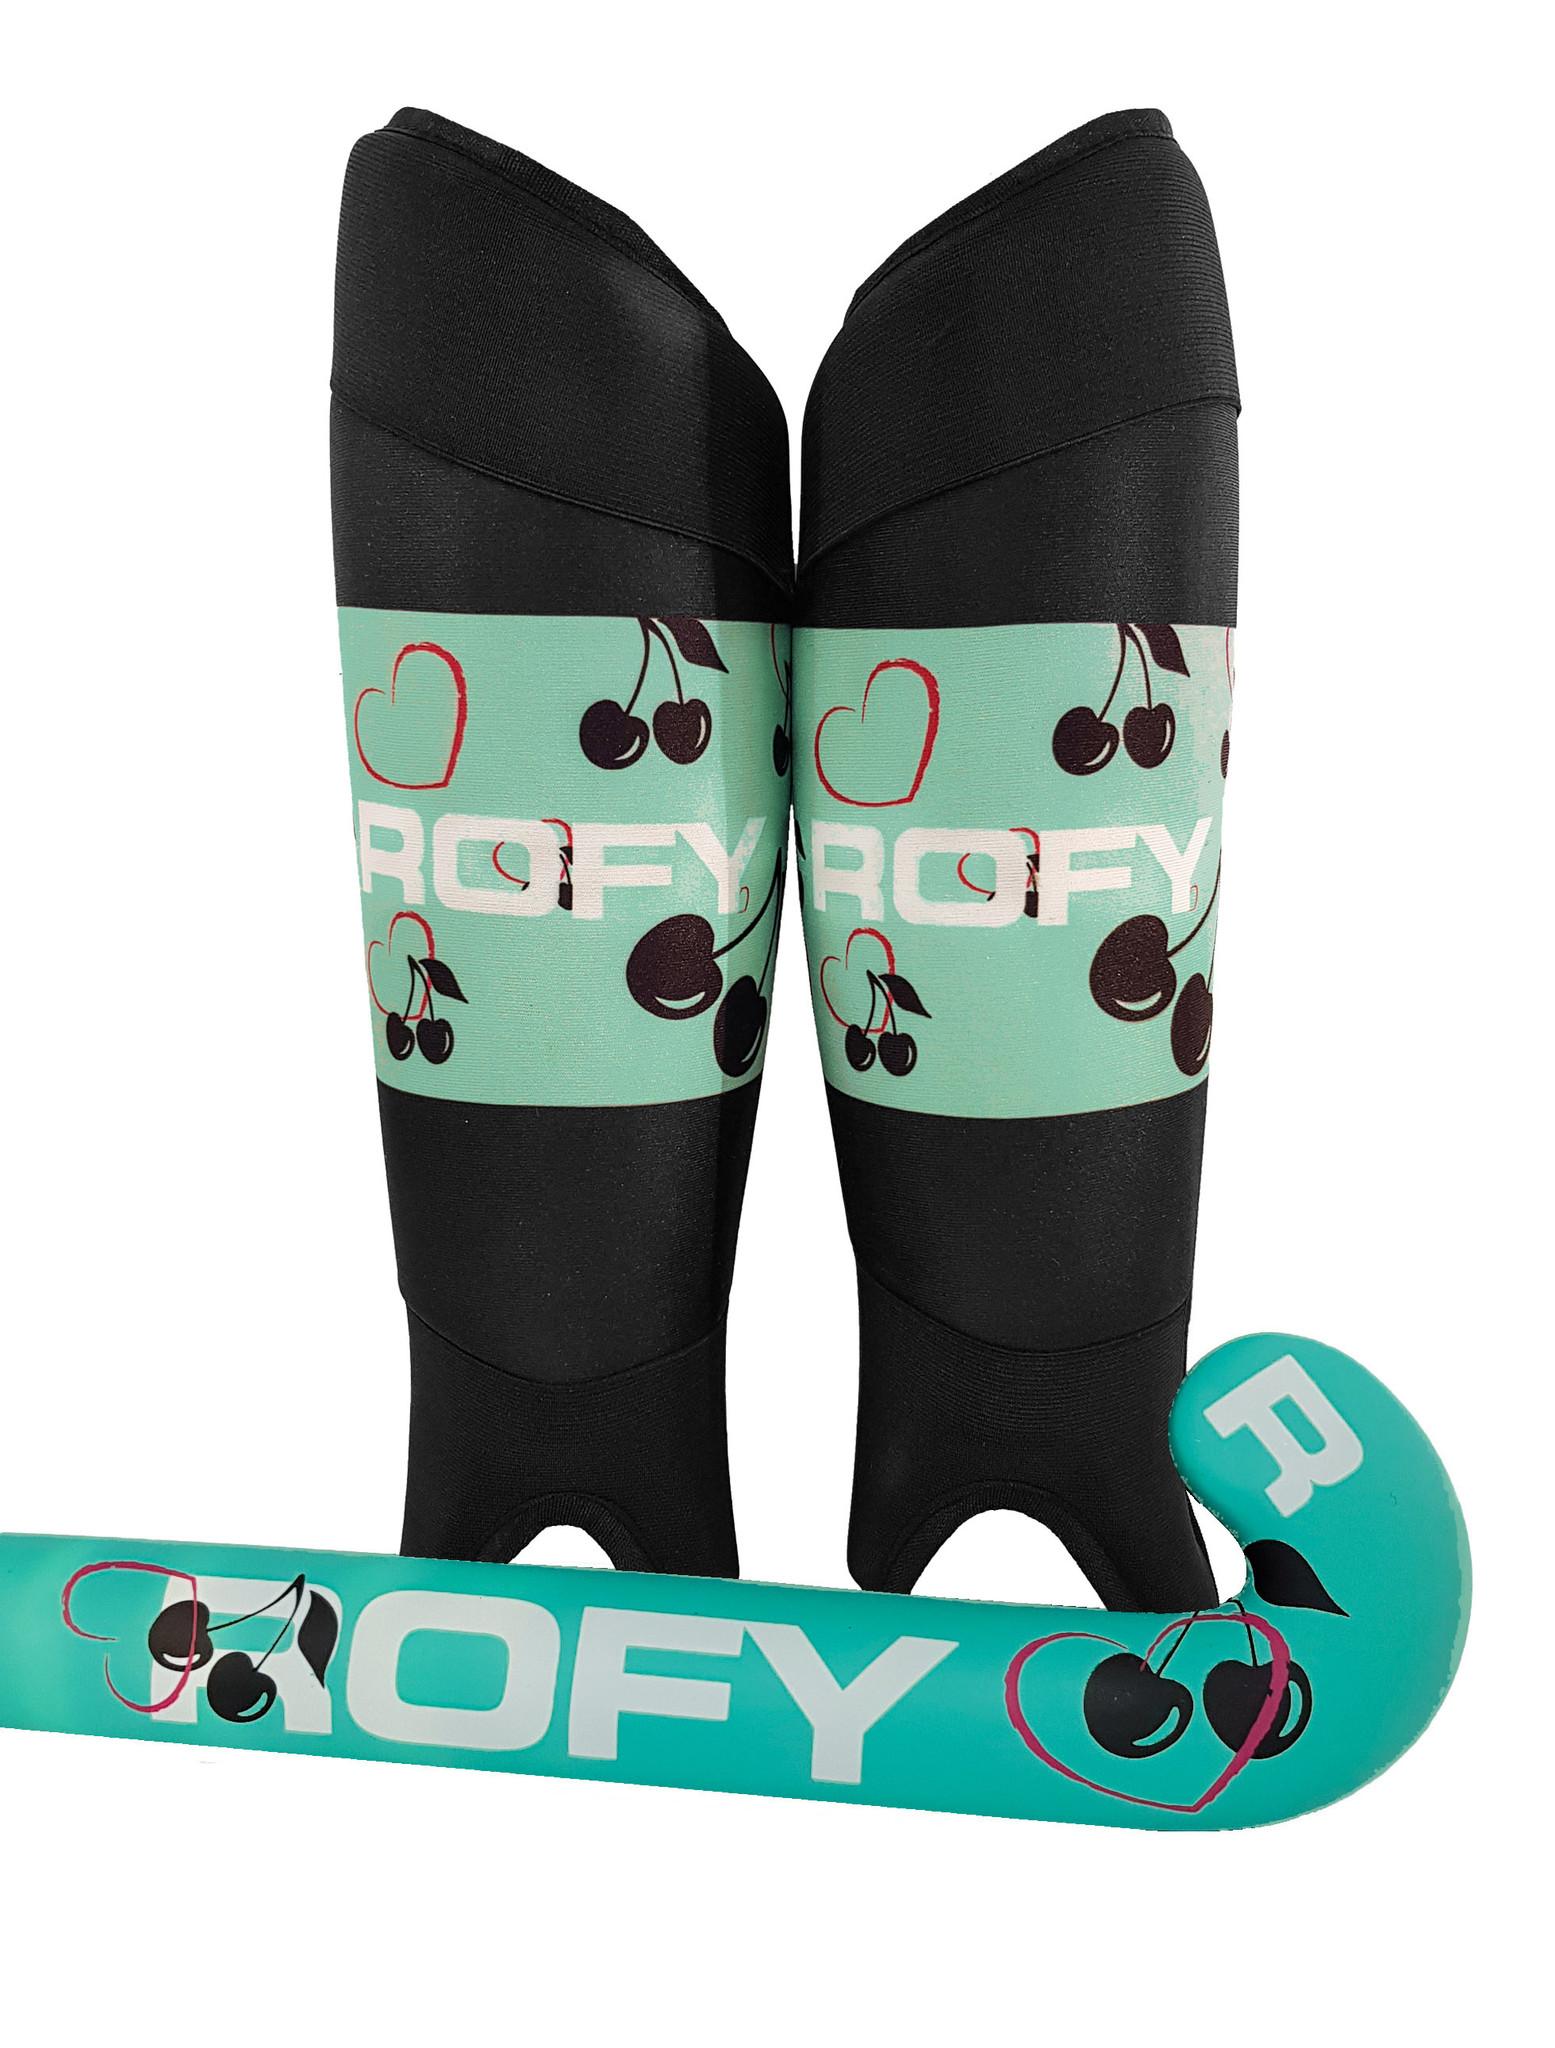 ROFY CHERRY SCHEENBESCHERMER - WASHABLE